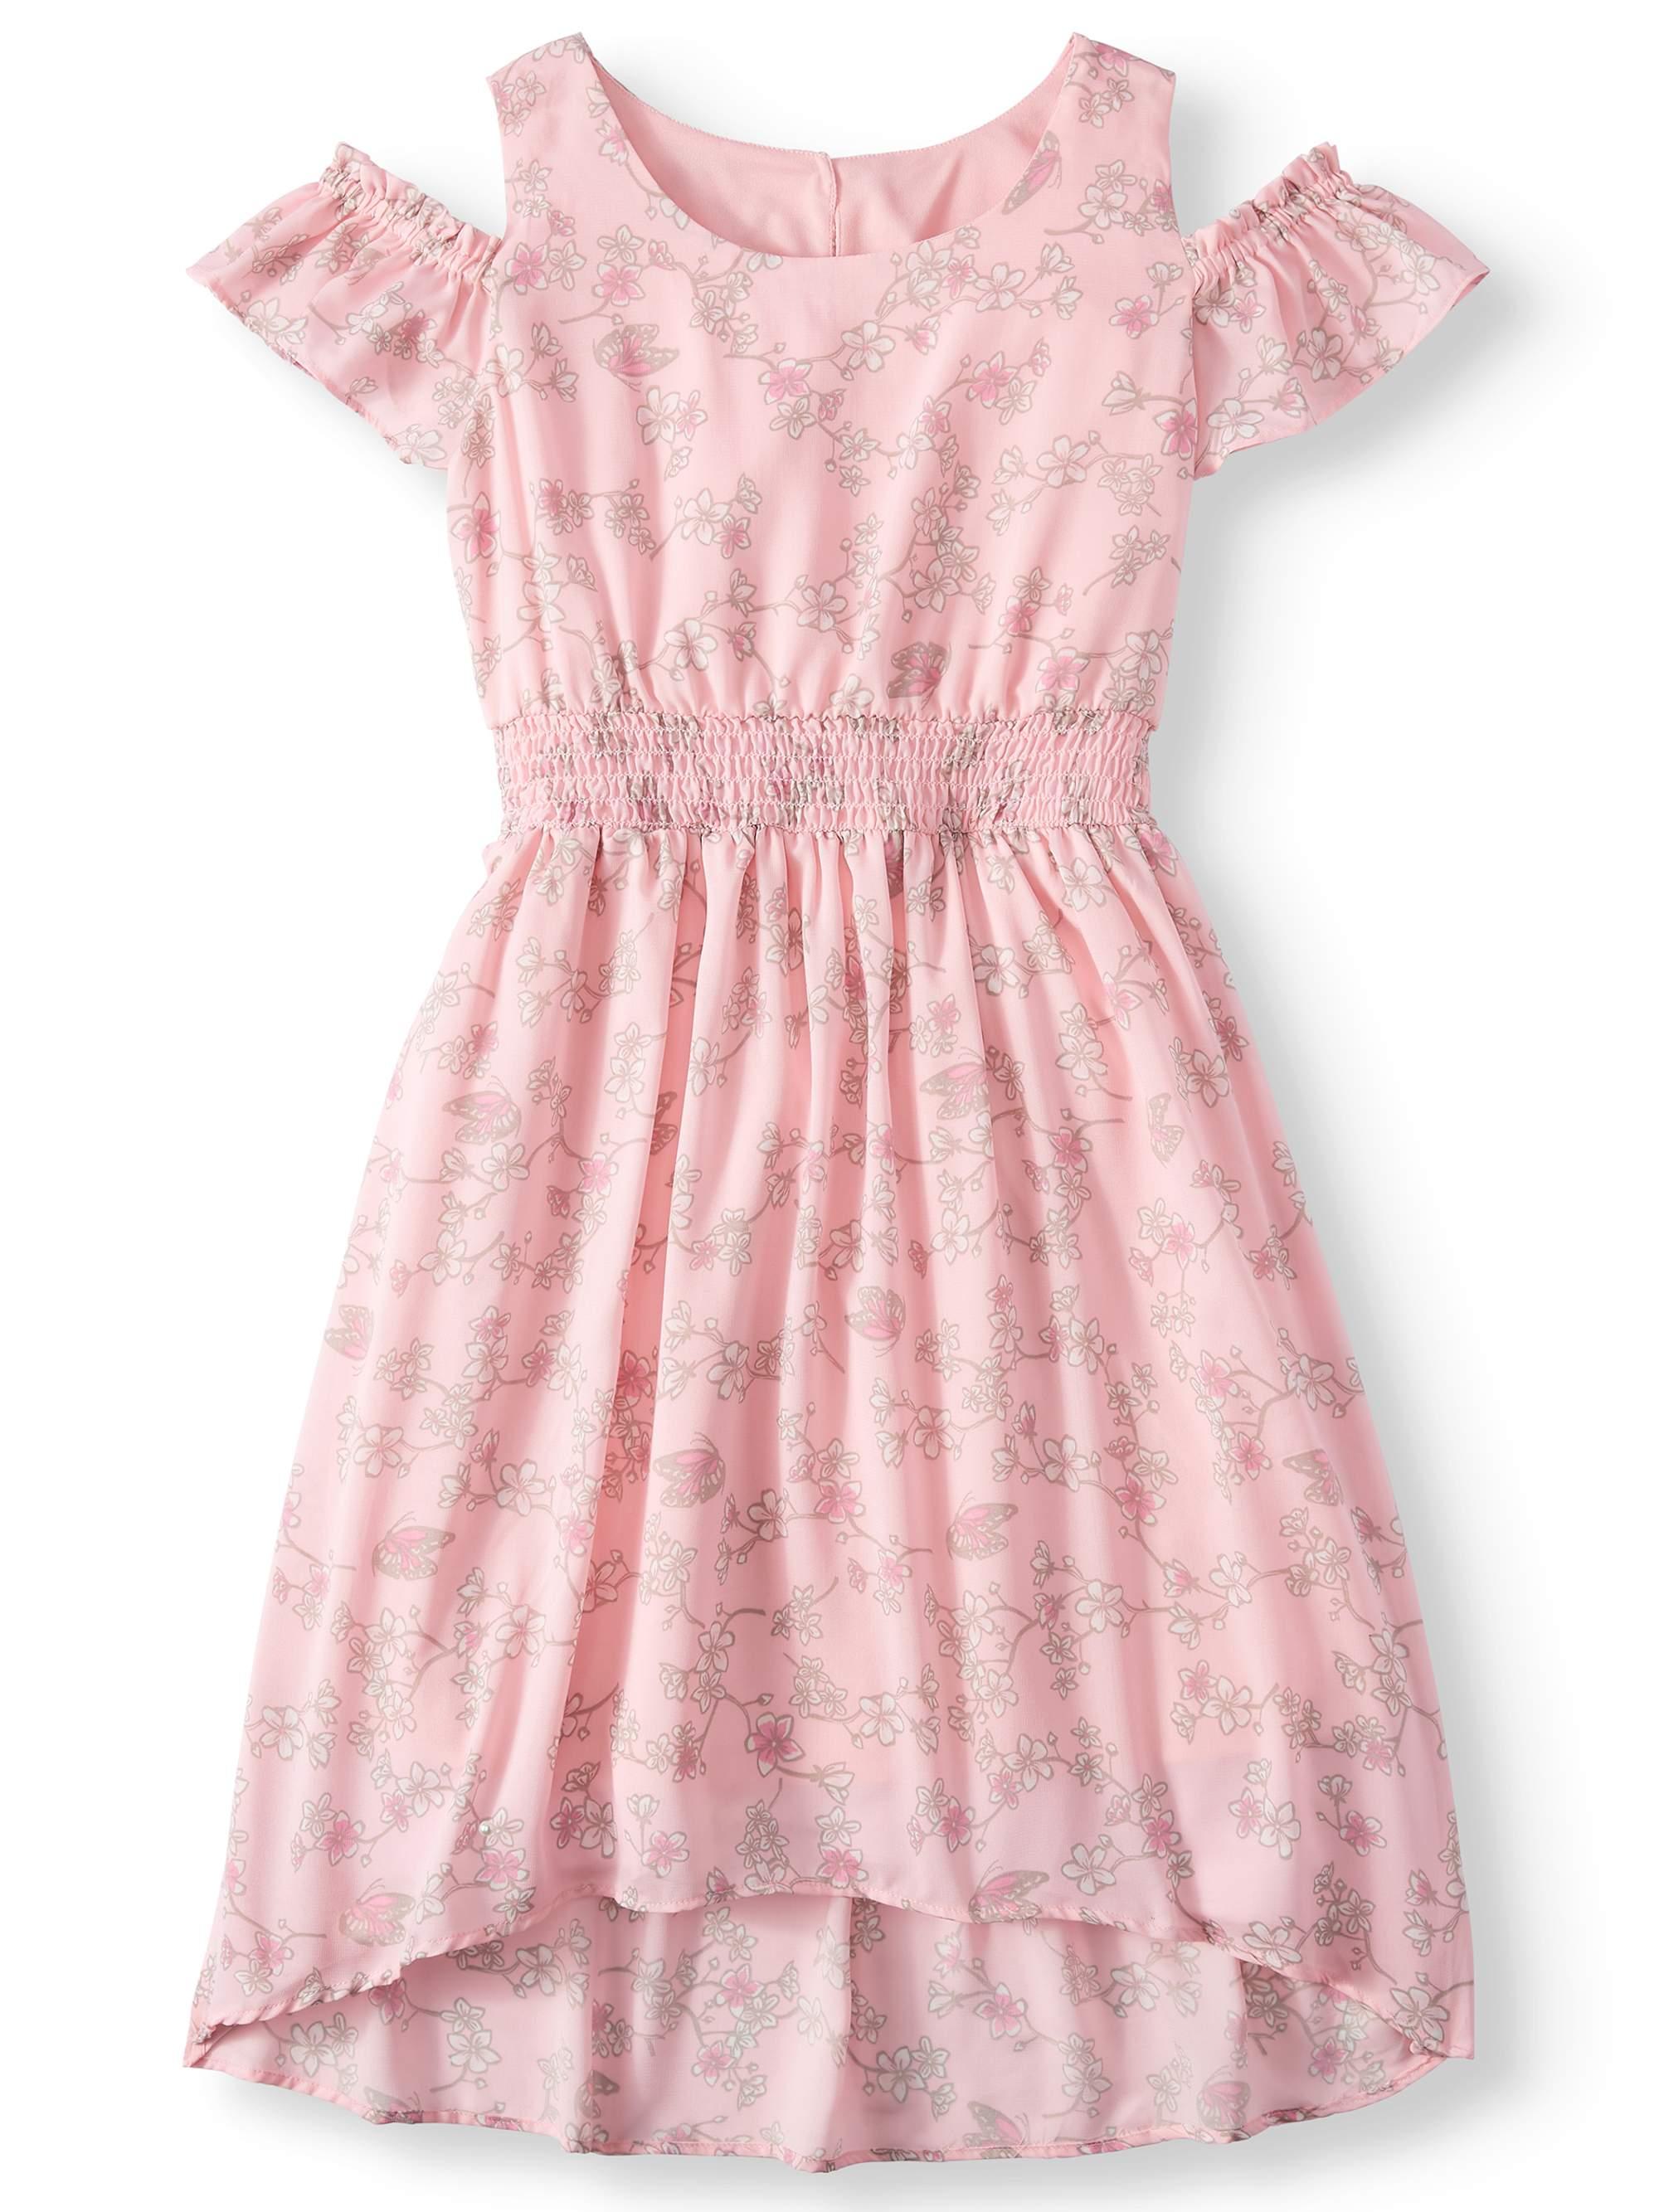 Floral Cold Shoulder Maxi Dress with Smocked Waist (Big Girls)